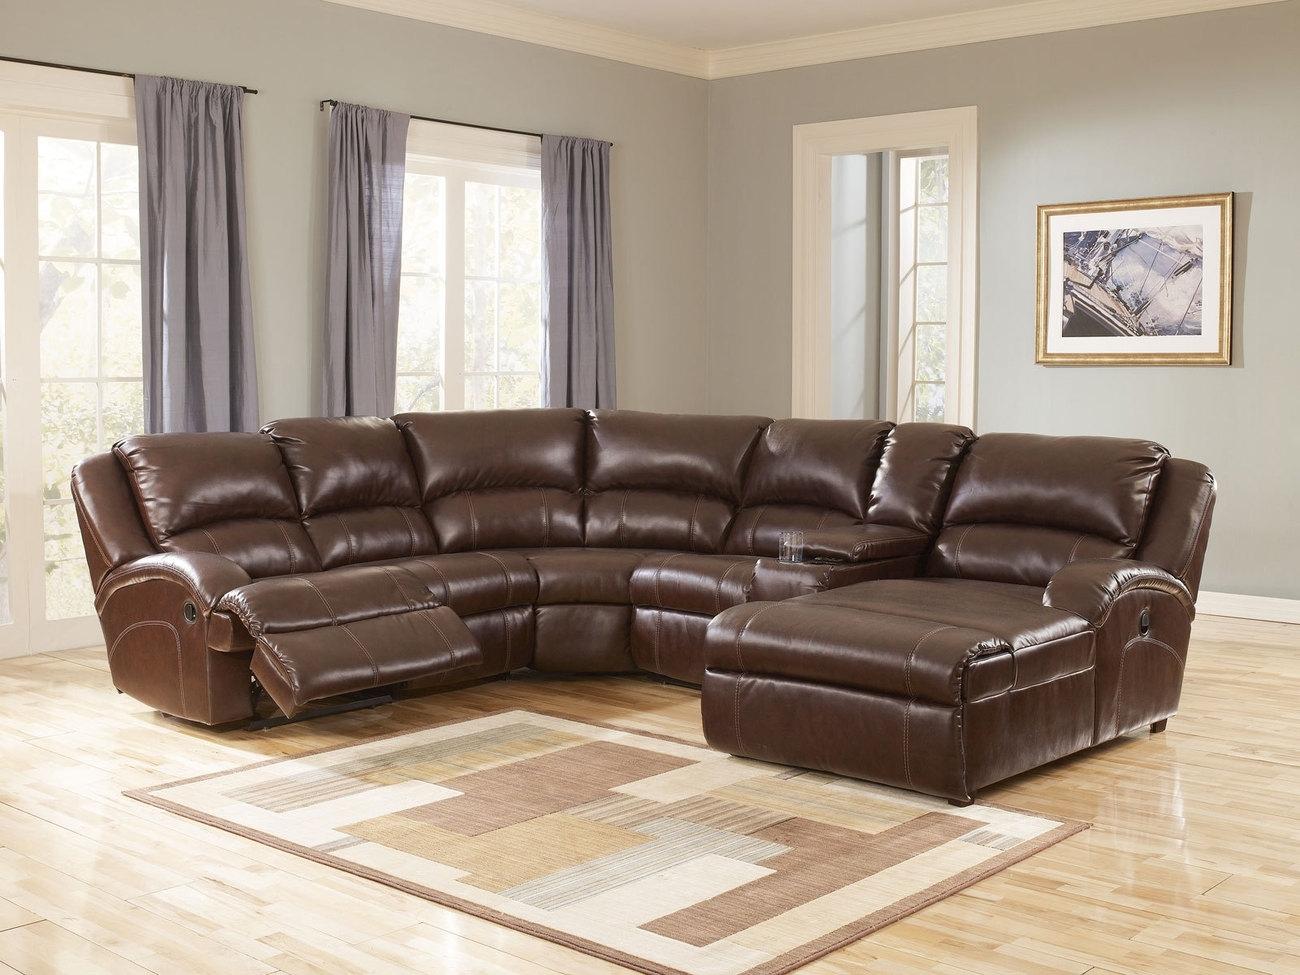 Modern Sectional Sofas Toronto - Fjellkjeden for Sectional Sofas In Toronto (Image 8 of 10)